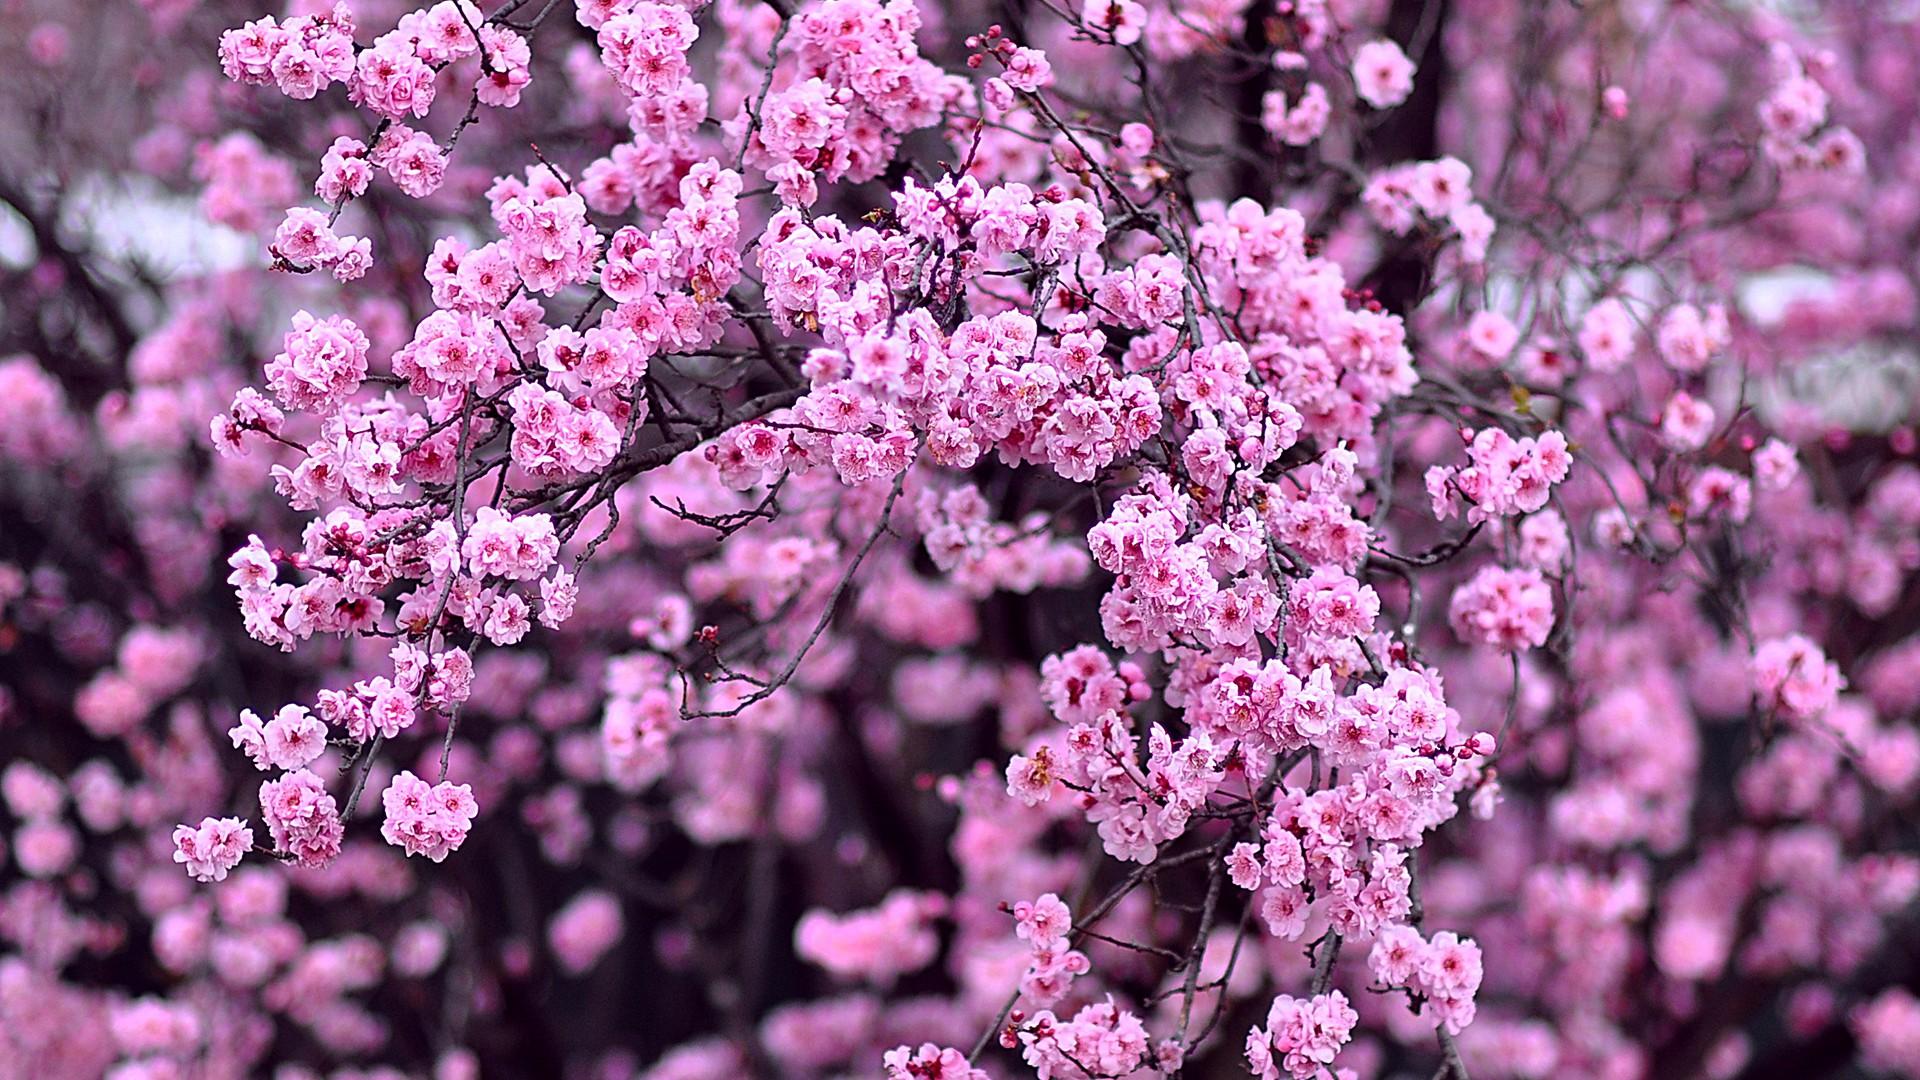 fond d 39 cran la nature branche fleur de cerisier rose printemps lilas arbre feuille. Black Bedroom Furniture Sets. Home Design Ideas